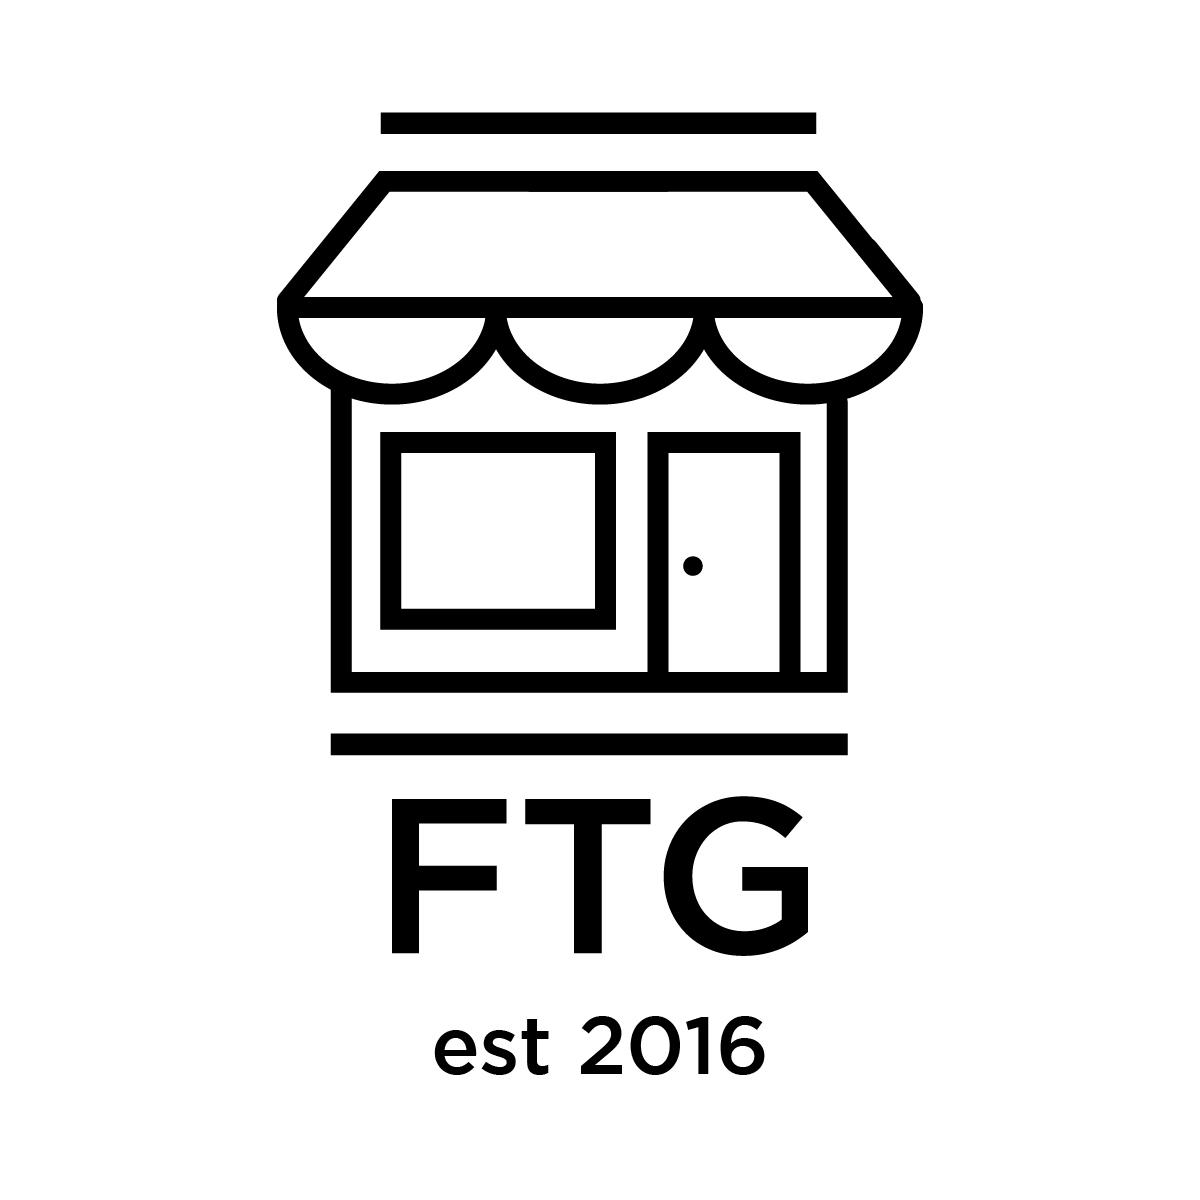 FTG-logo-square-white-01.jpg